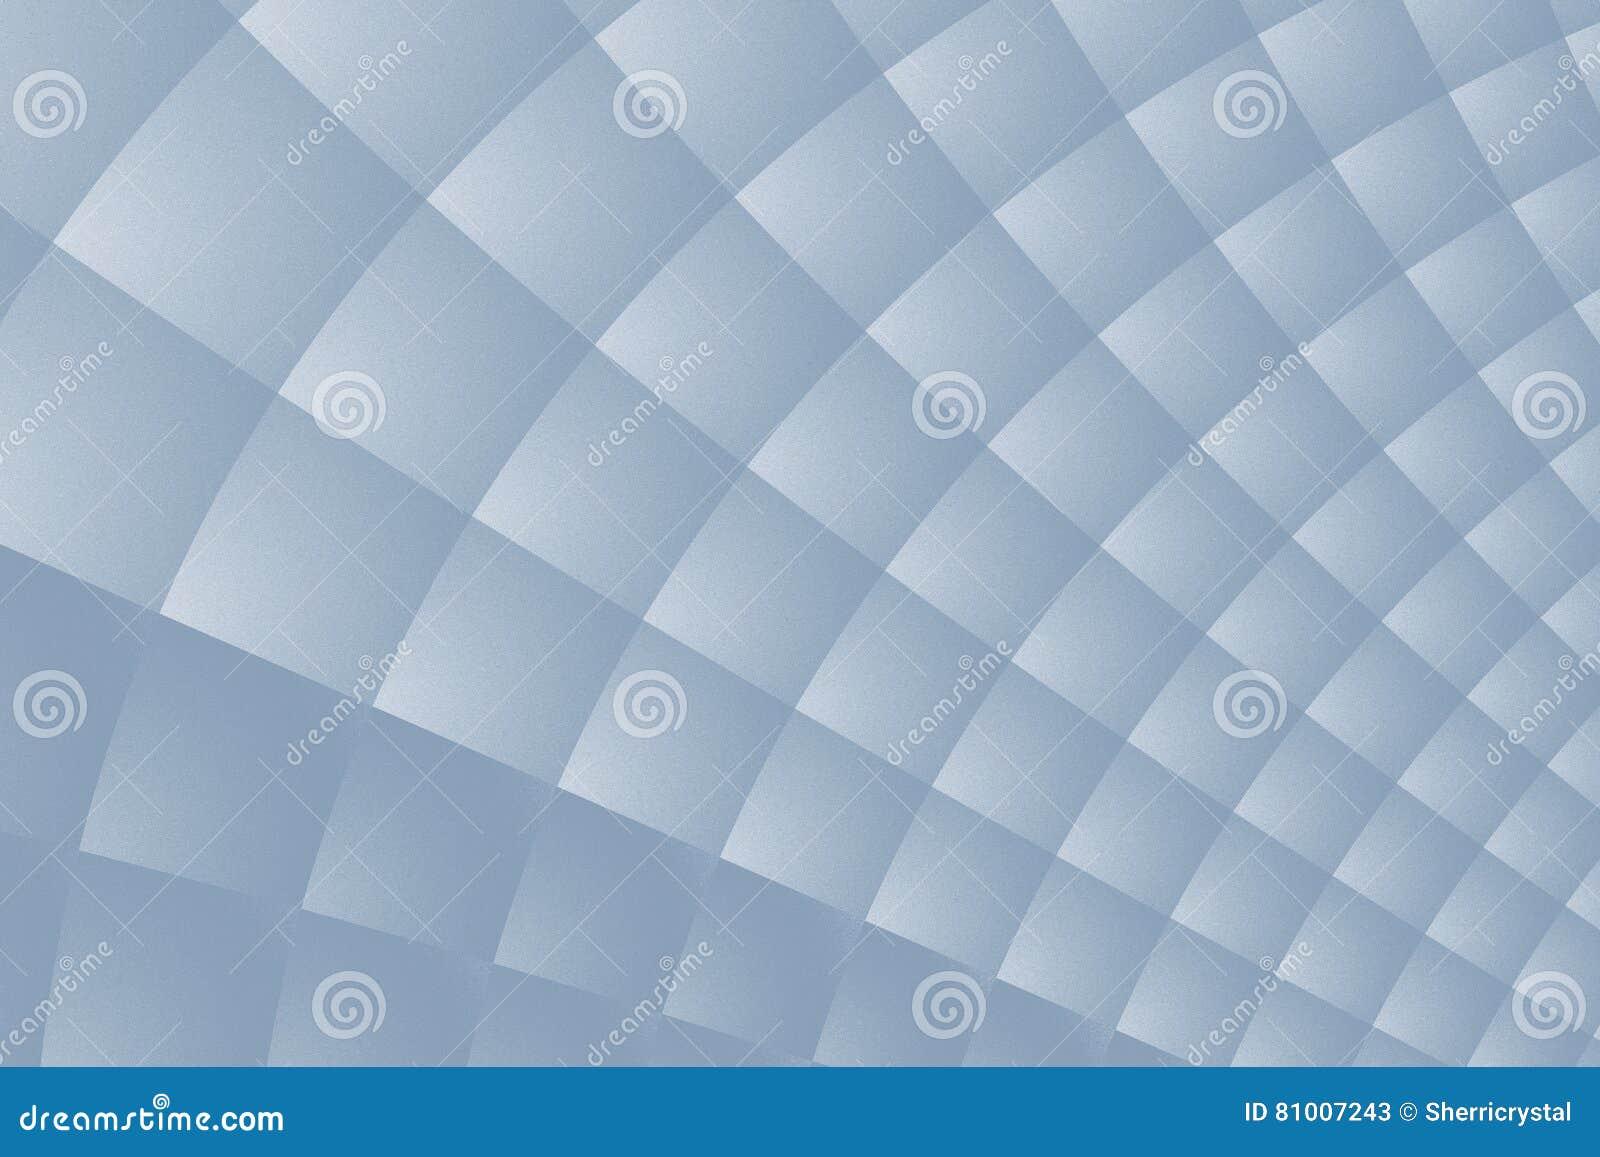 Fondo mate del fractal del gris de acero con una estructura fina y un modelo cuadrado torcido